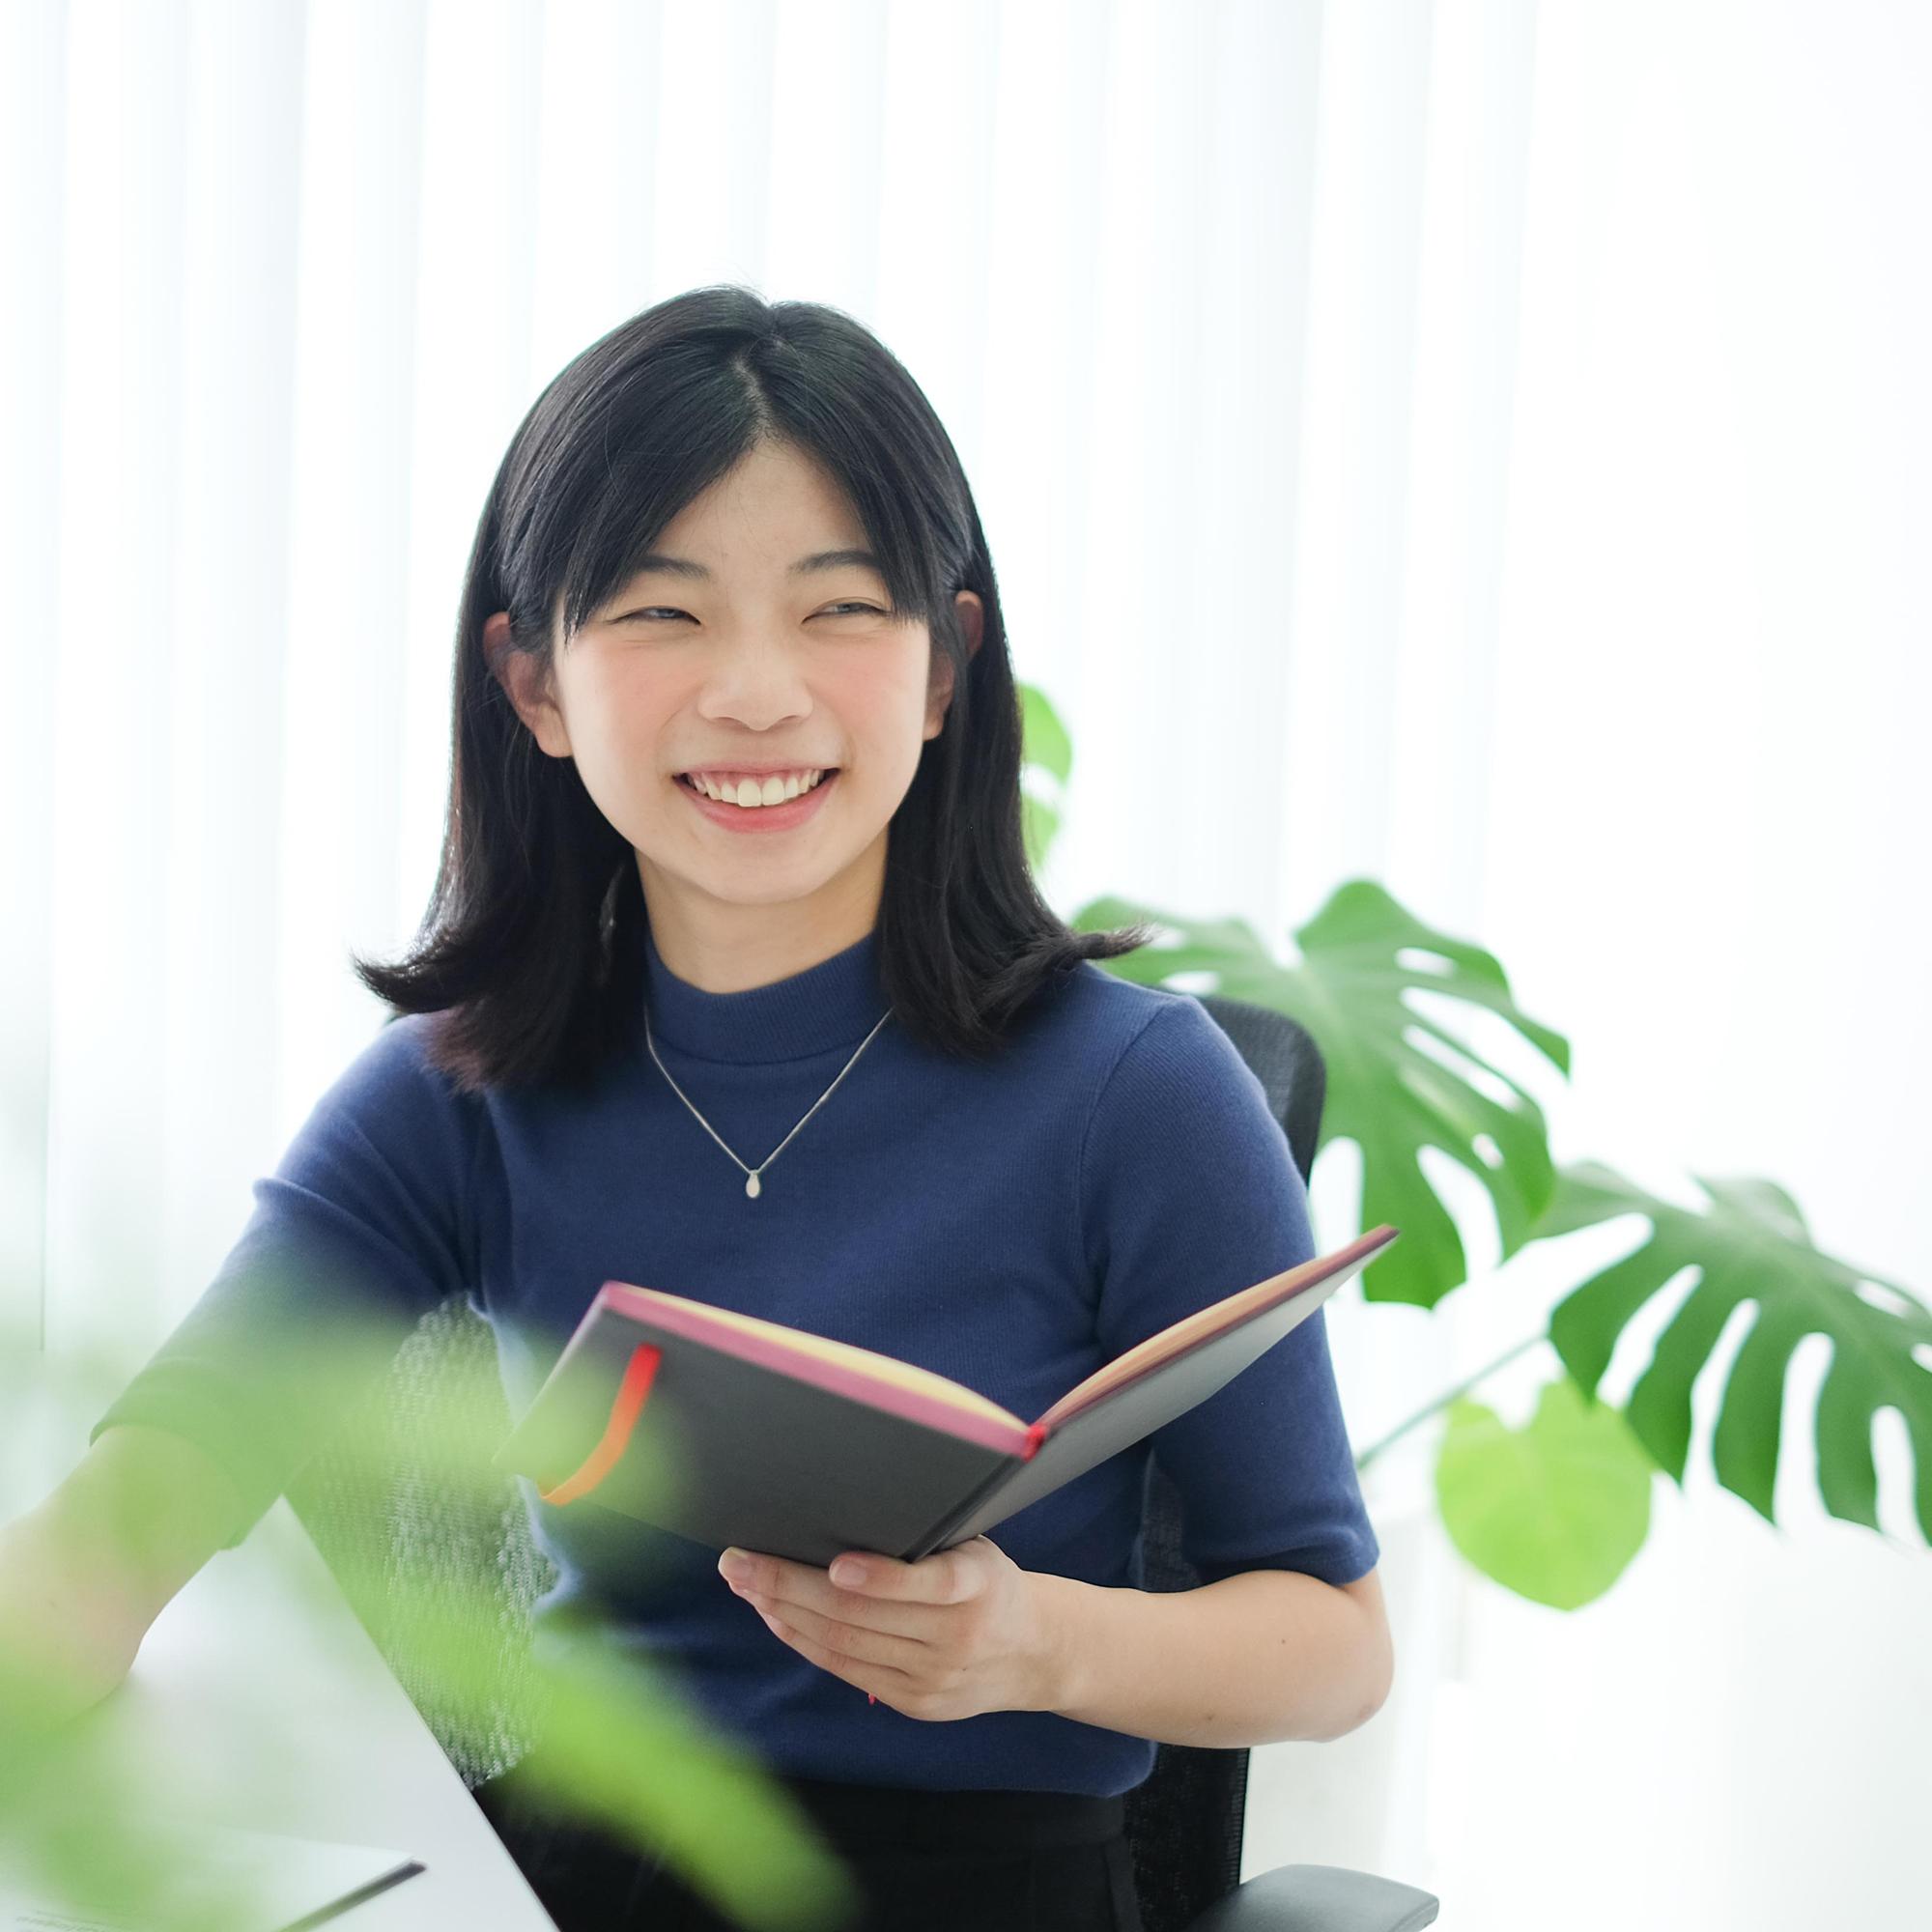 Chen-Anne